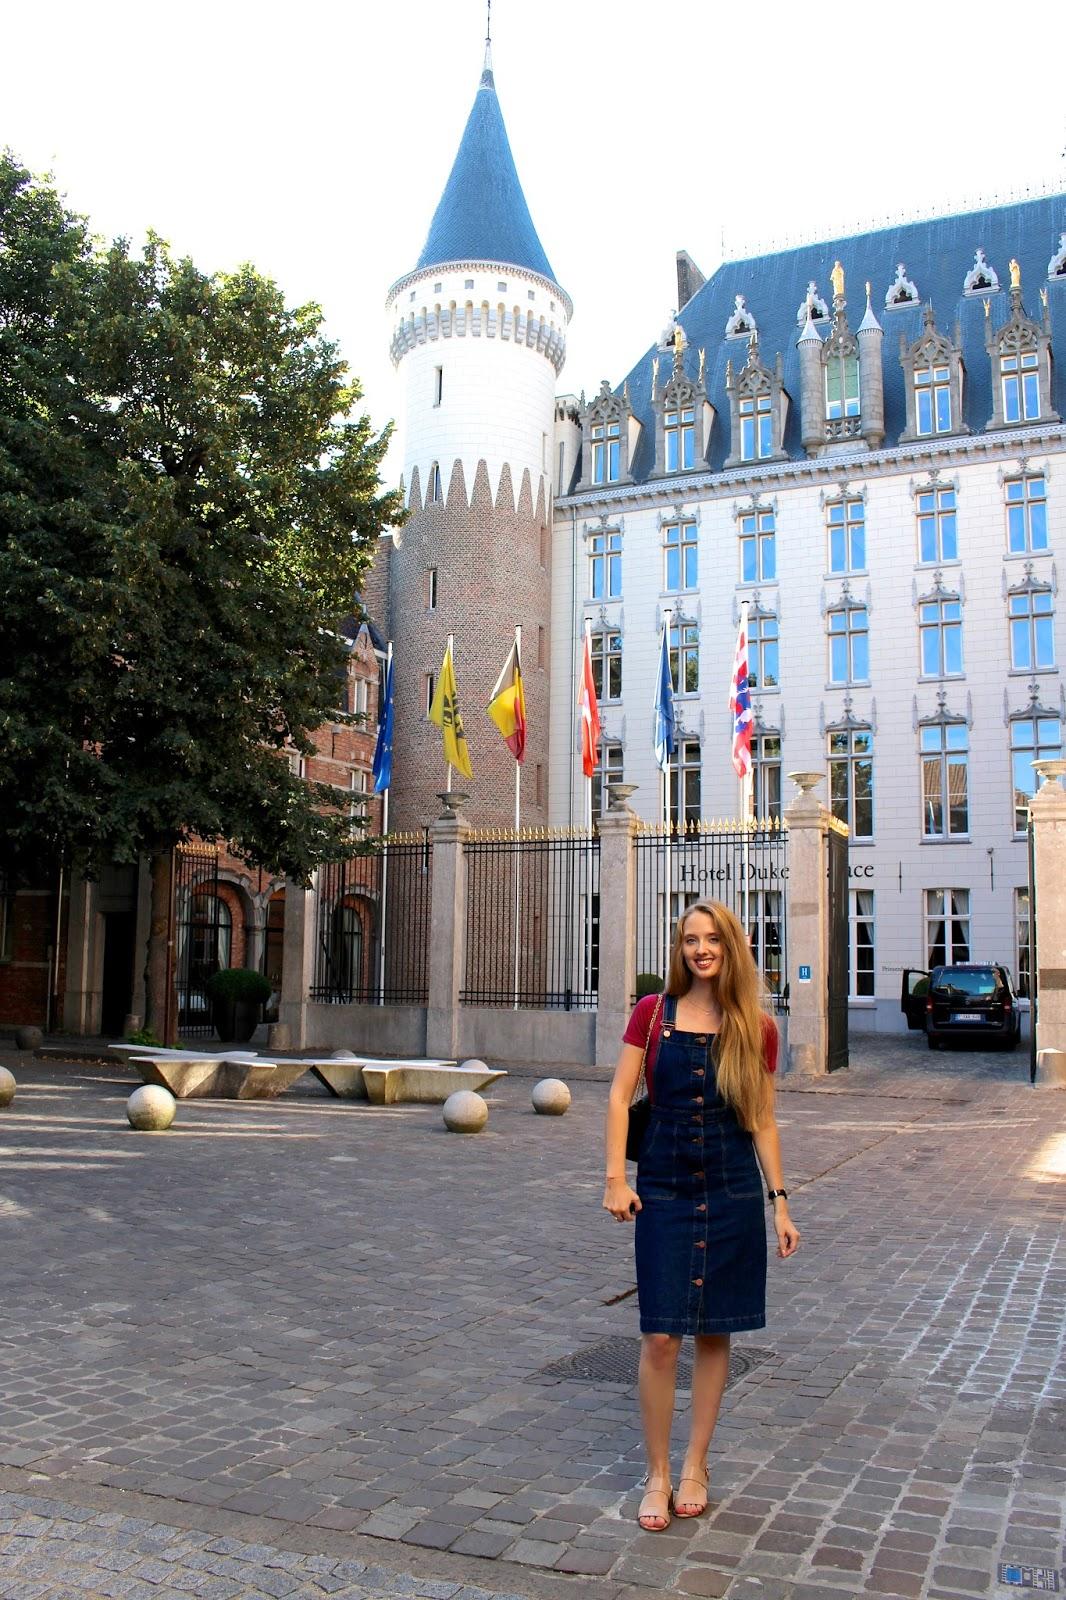 Luxury travel blogger visit to Hotel Dukes' Palace